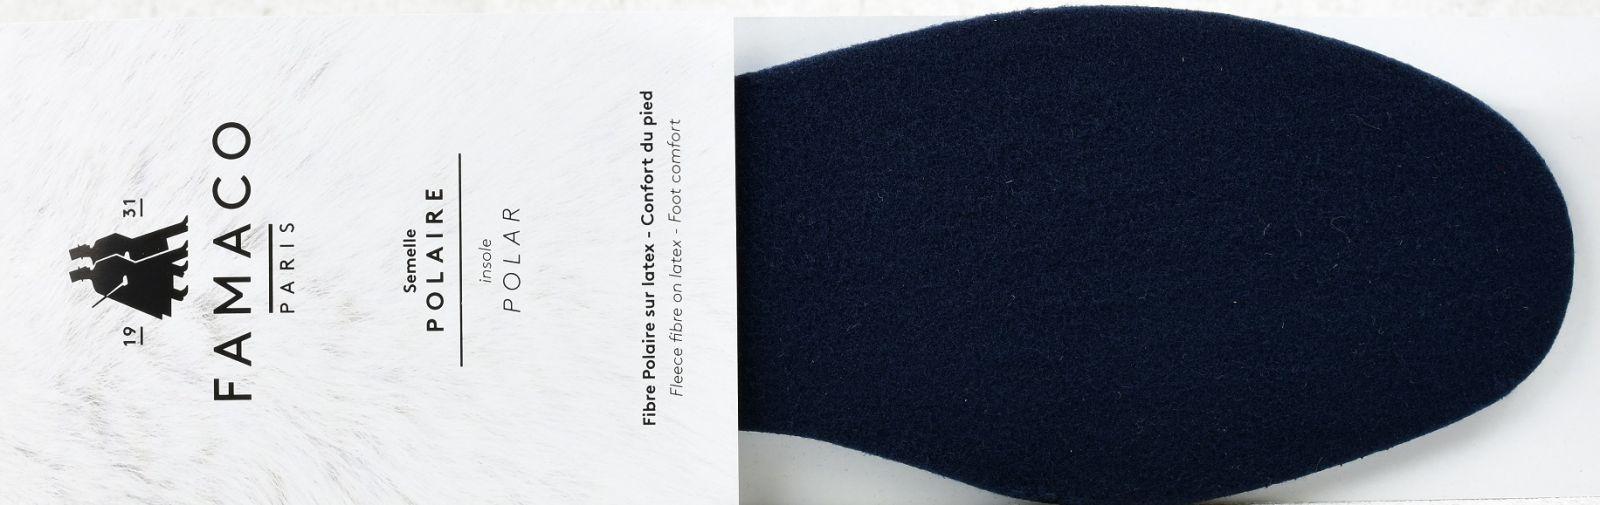 Zimní vložky do bot Famaco Polar